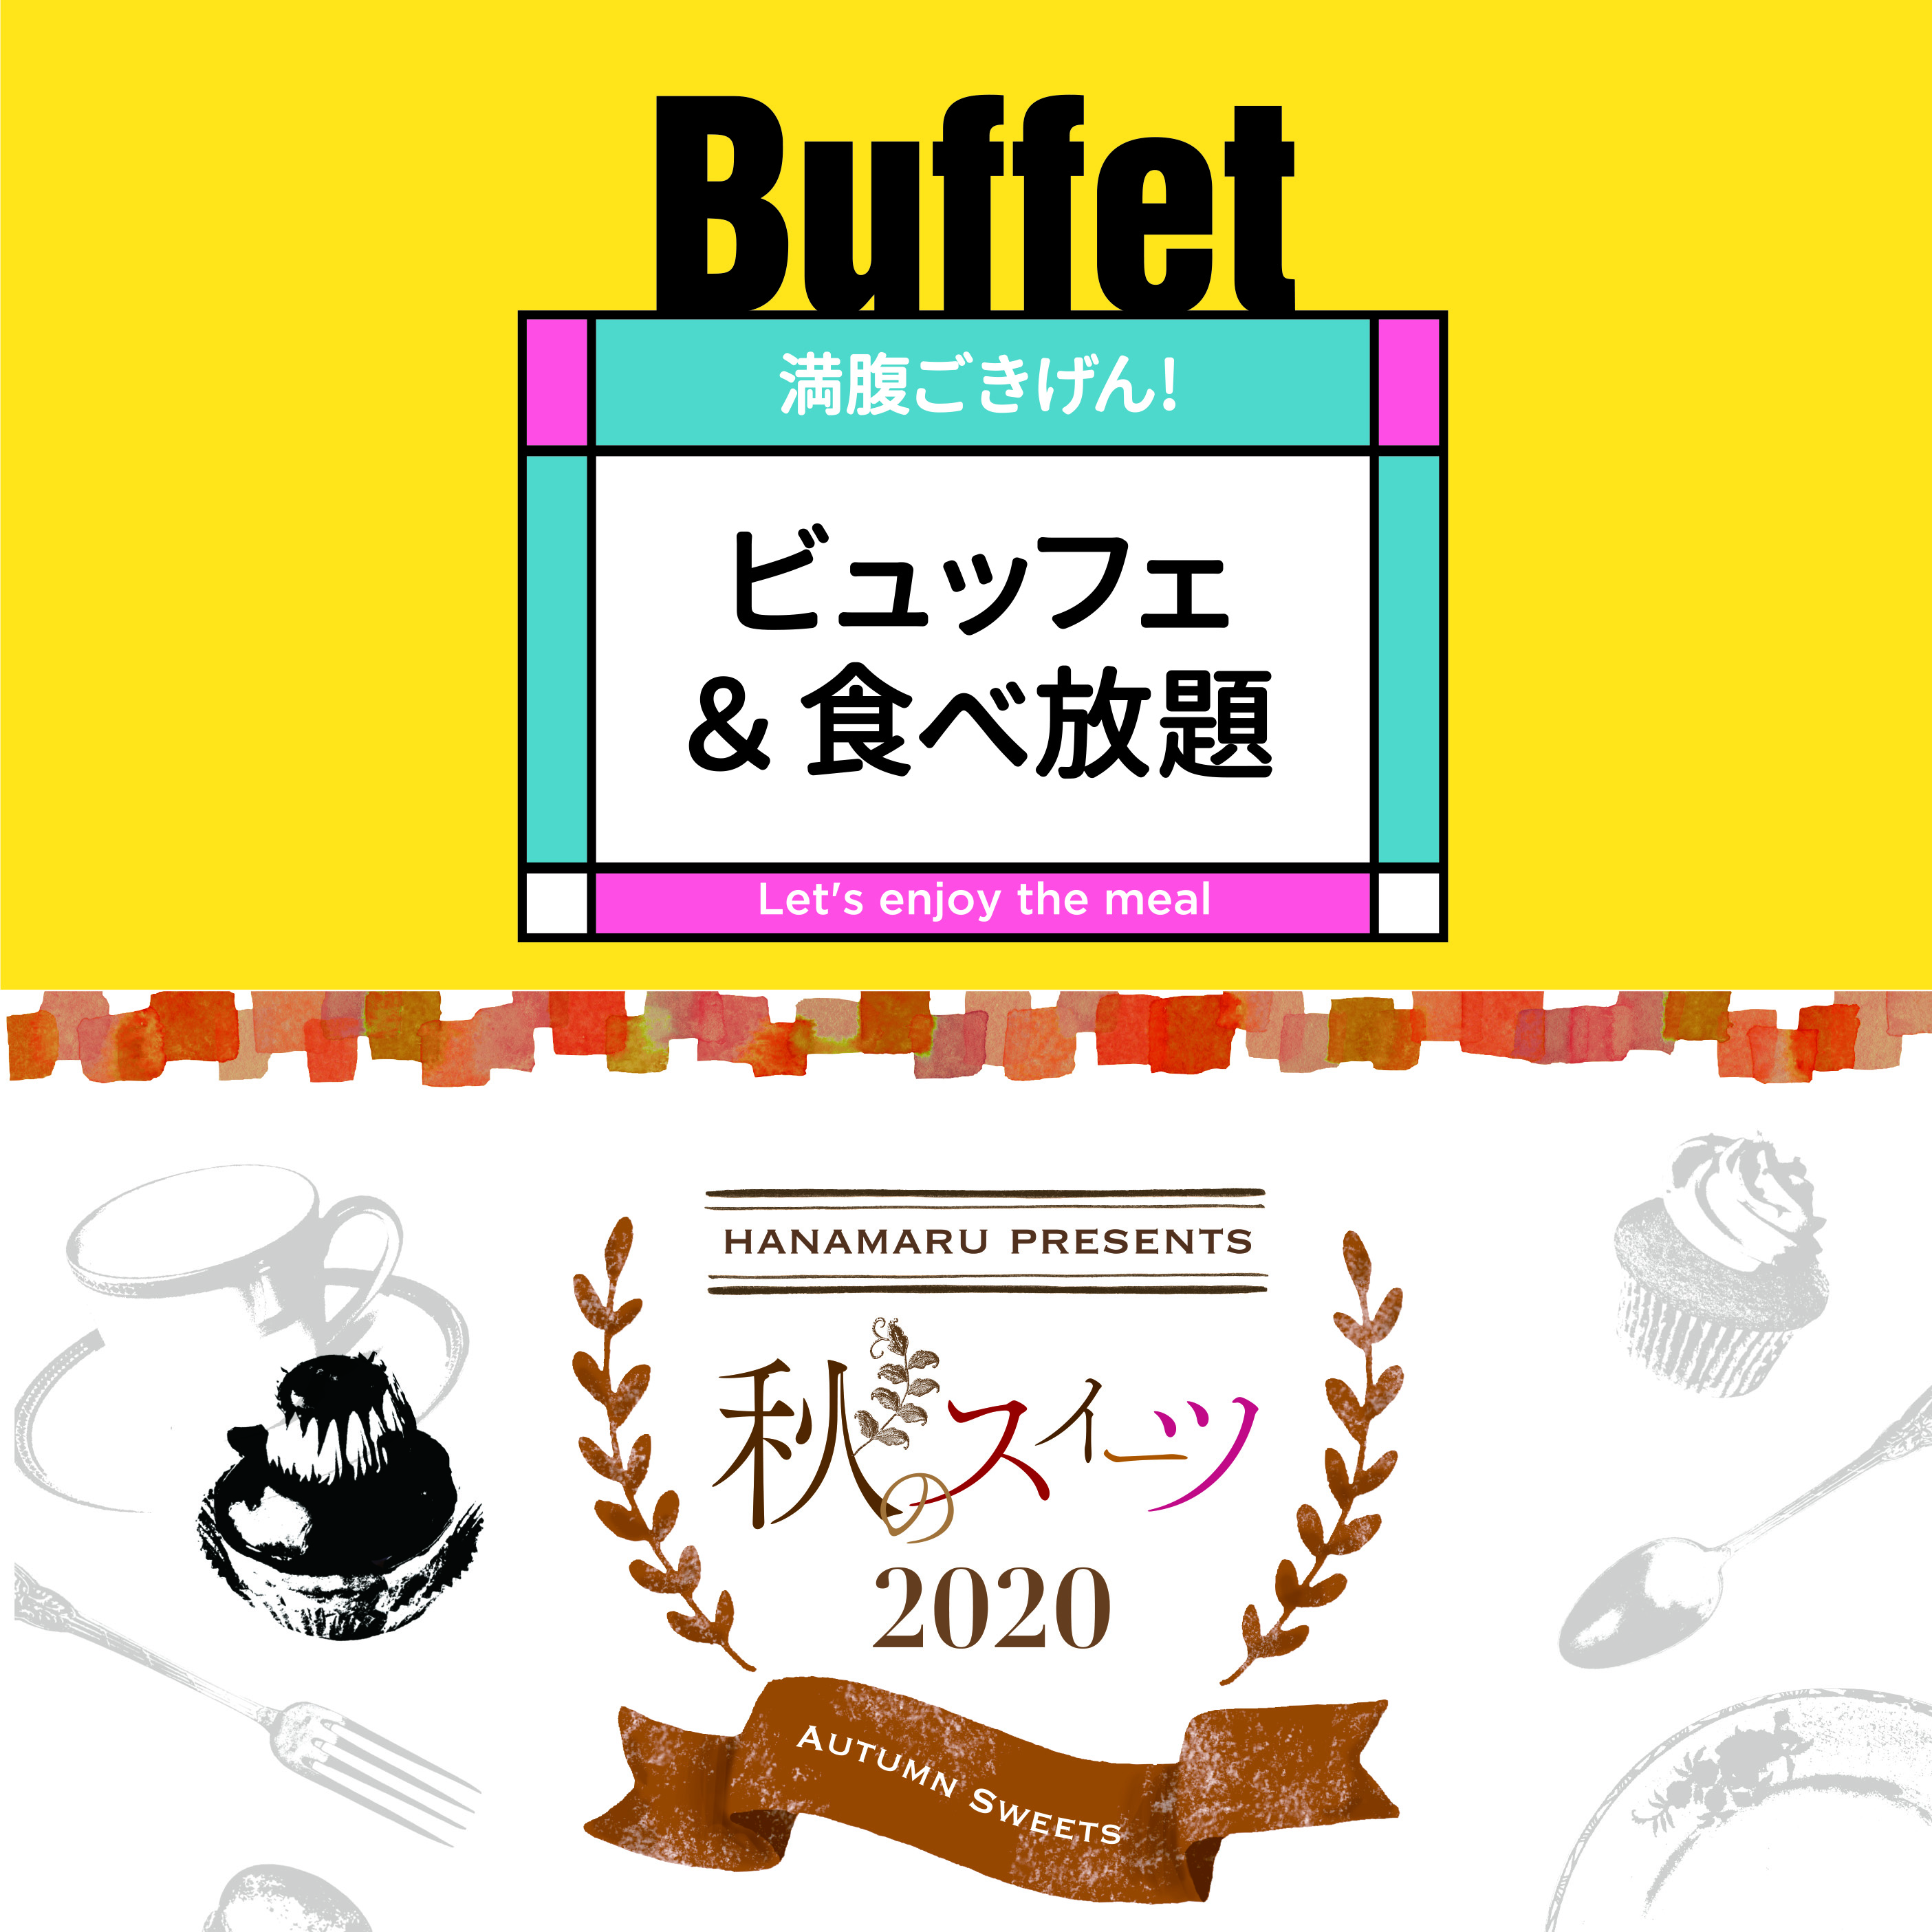 ビュッフェ&食べ放題+秋のスイーツ2020